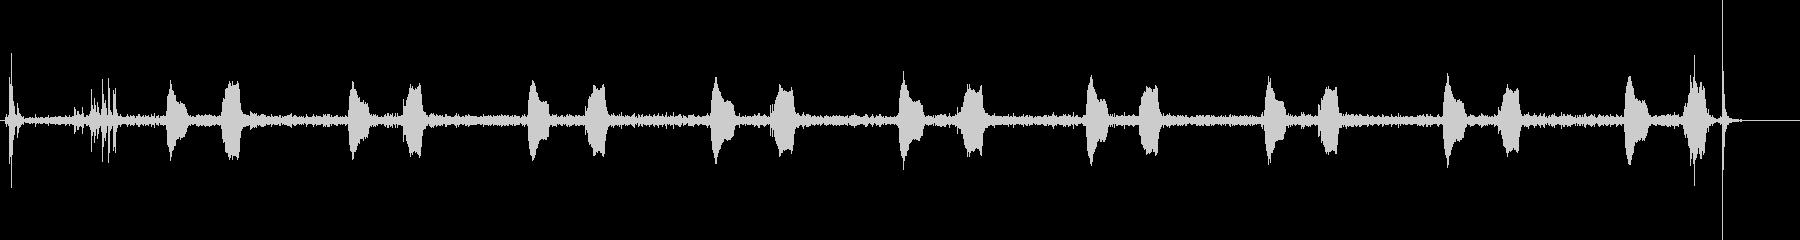 鳩時計1:ストライクナインオクロッ...の未再生の波形